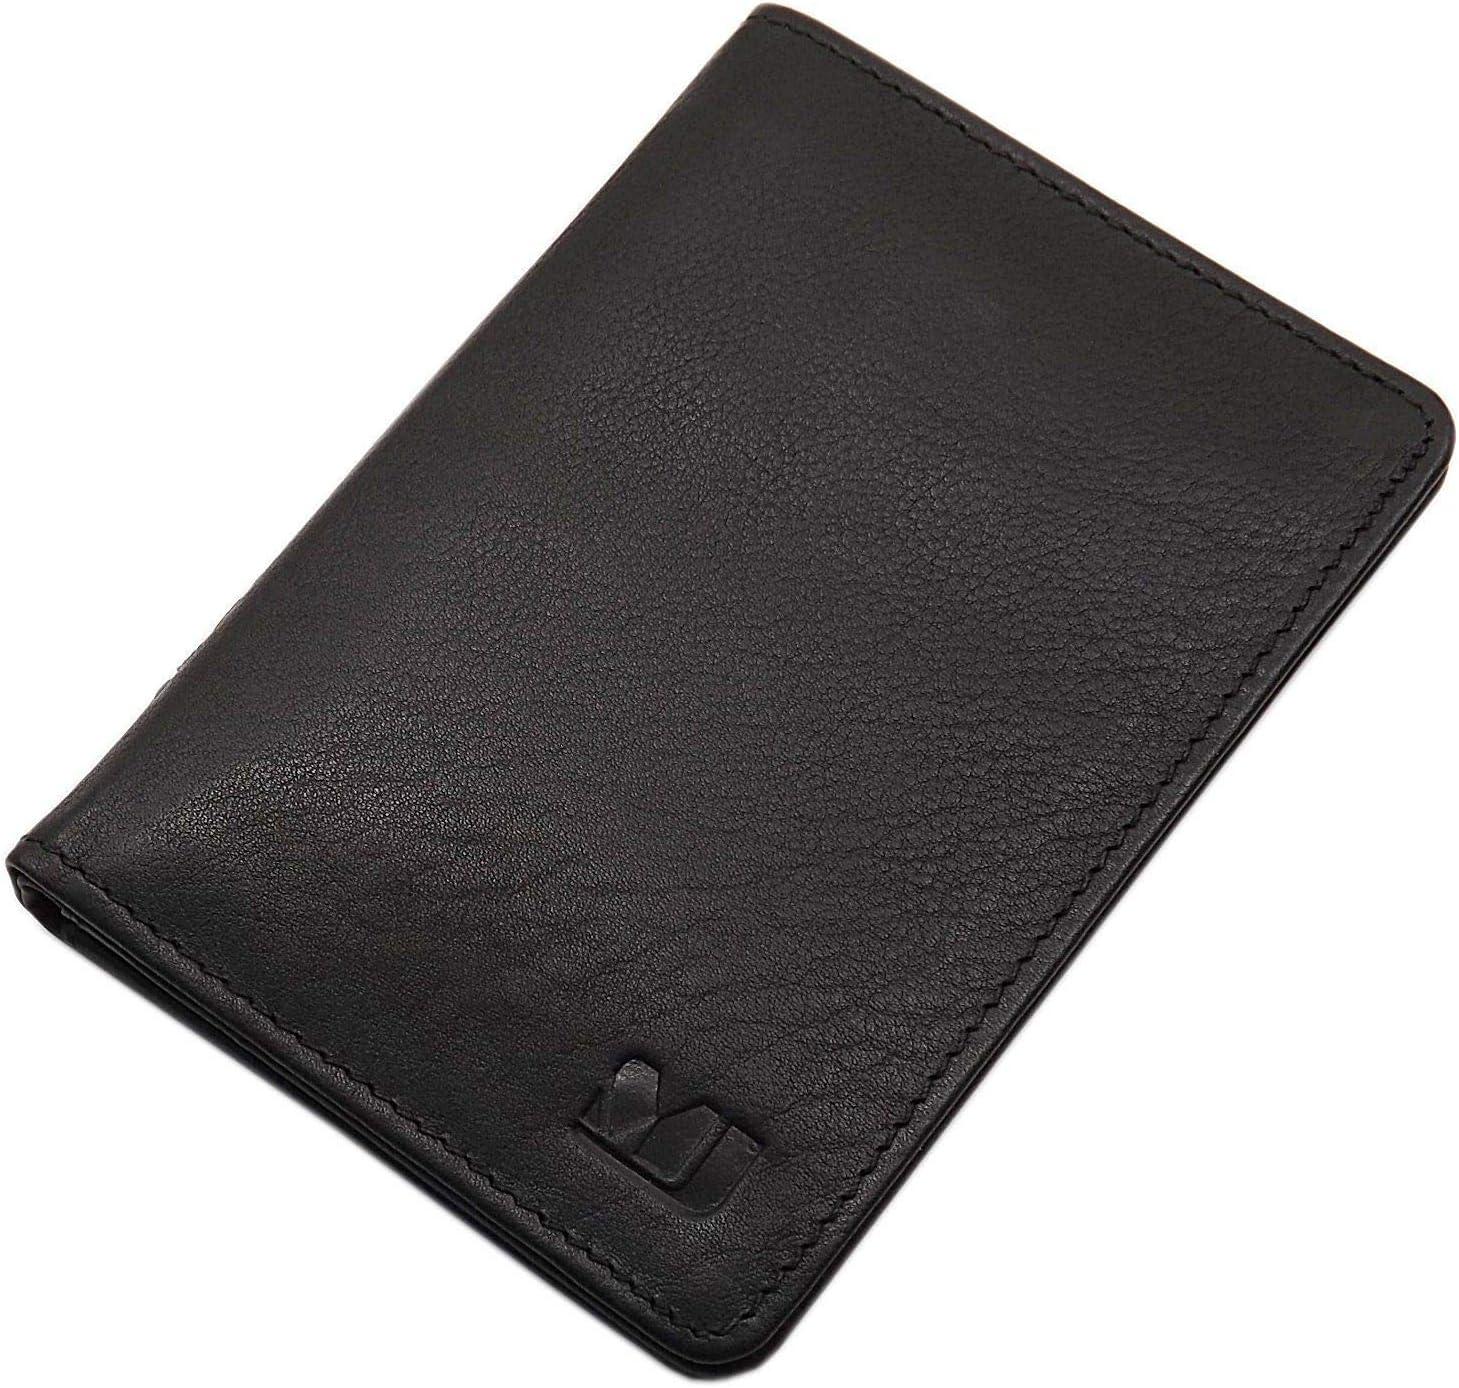 Noir Cuir de Veau Pochette de Carte didentit/é et Porte Carte de cr/édit MJ-Design-Germany en 3 diverses Couleurs